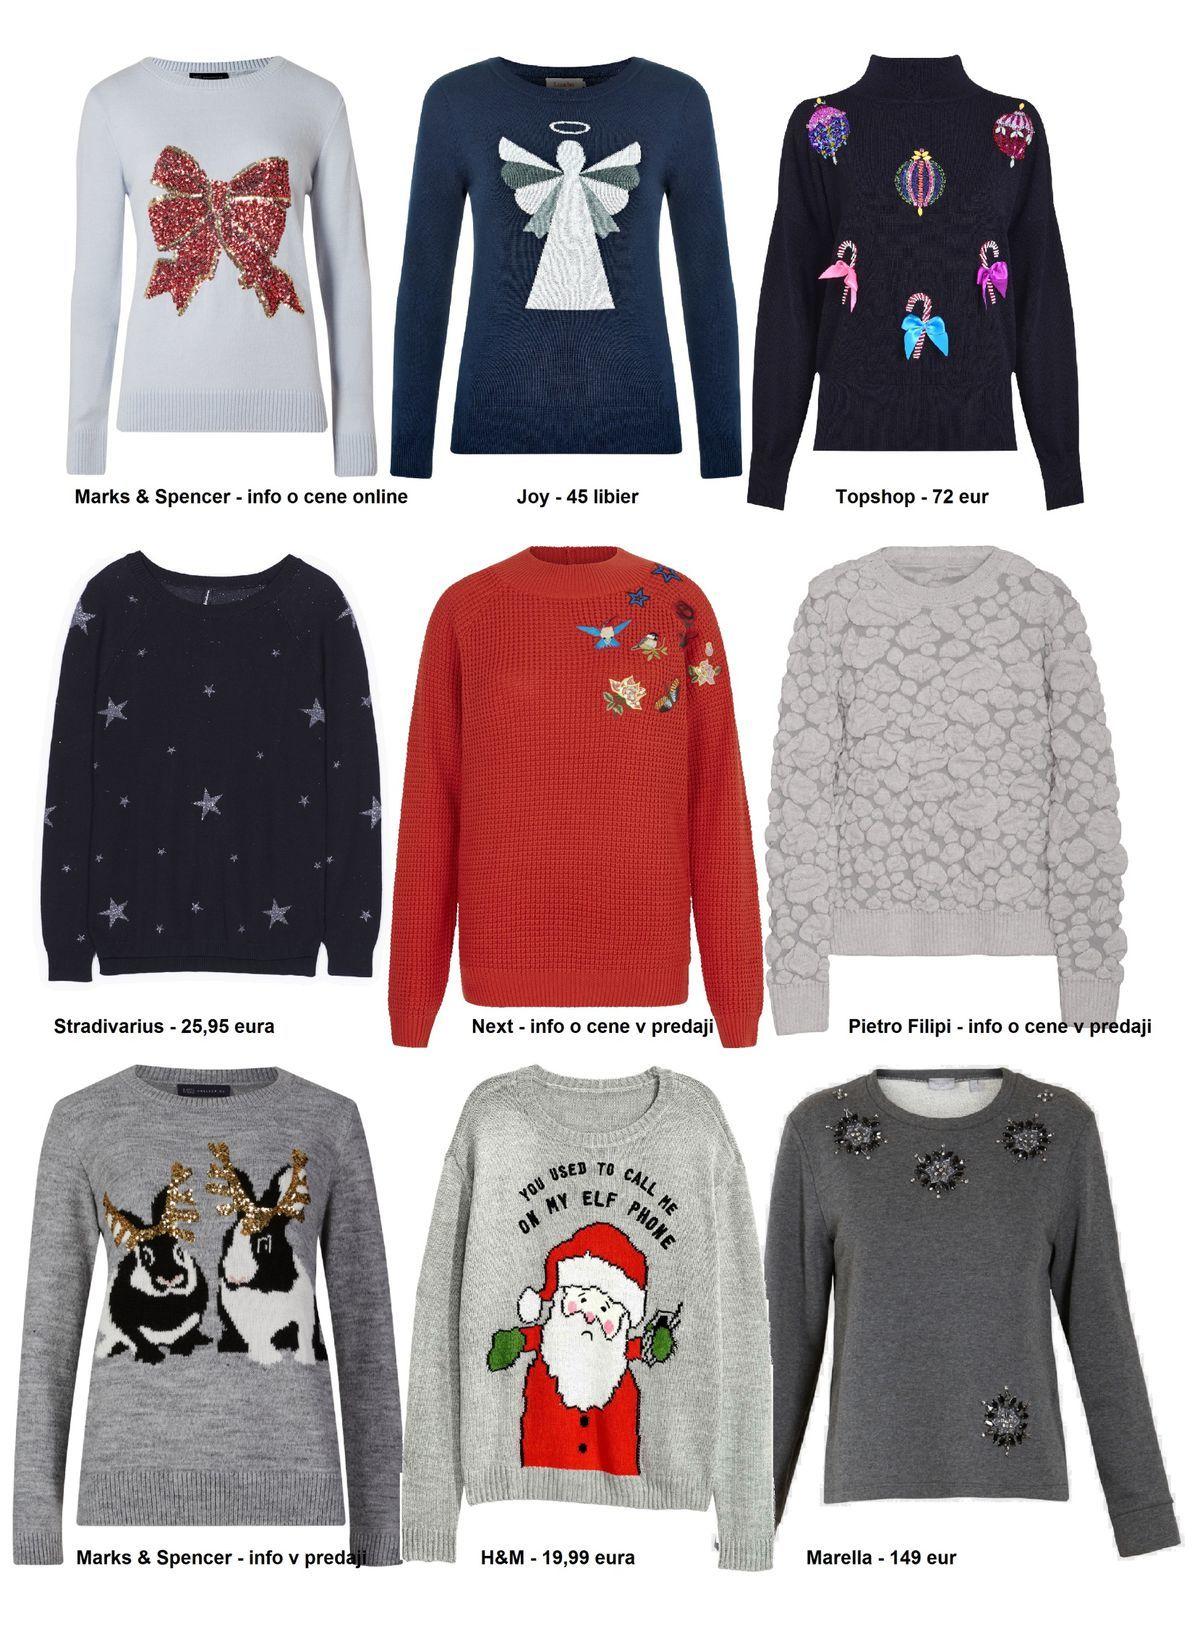 653a4a142bd3 Vianočná nálada aj v pletenej móde  9 fakt rozkošných svetrov ...